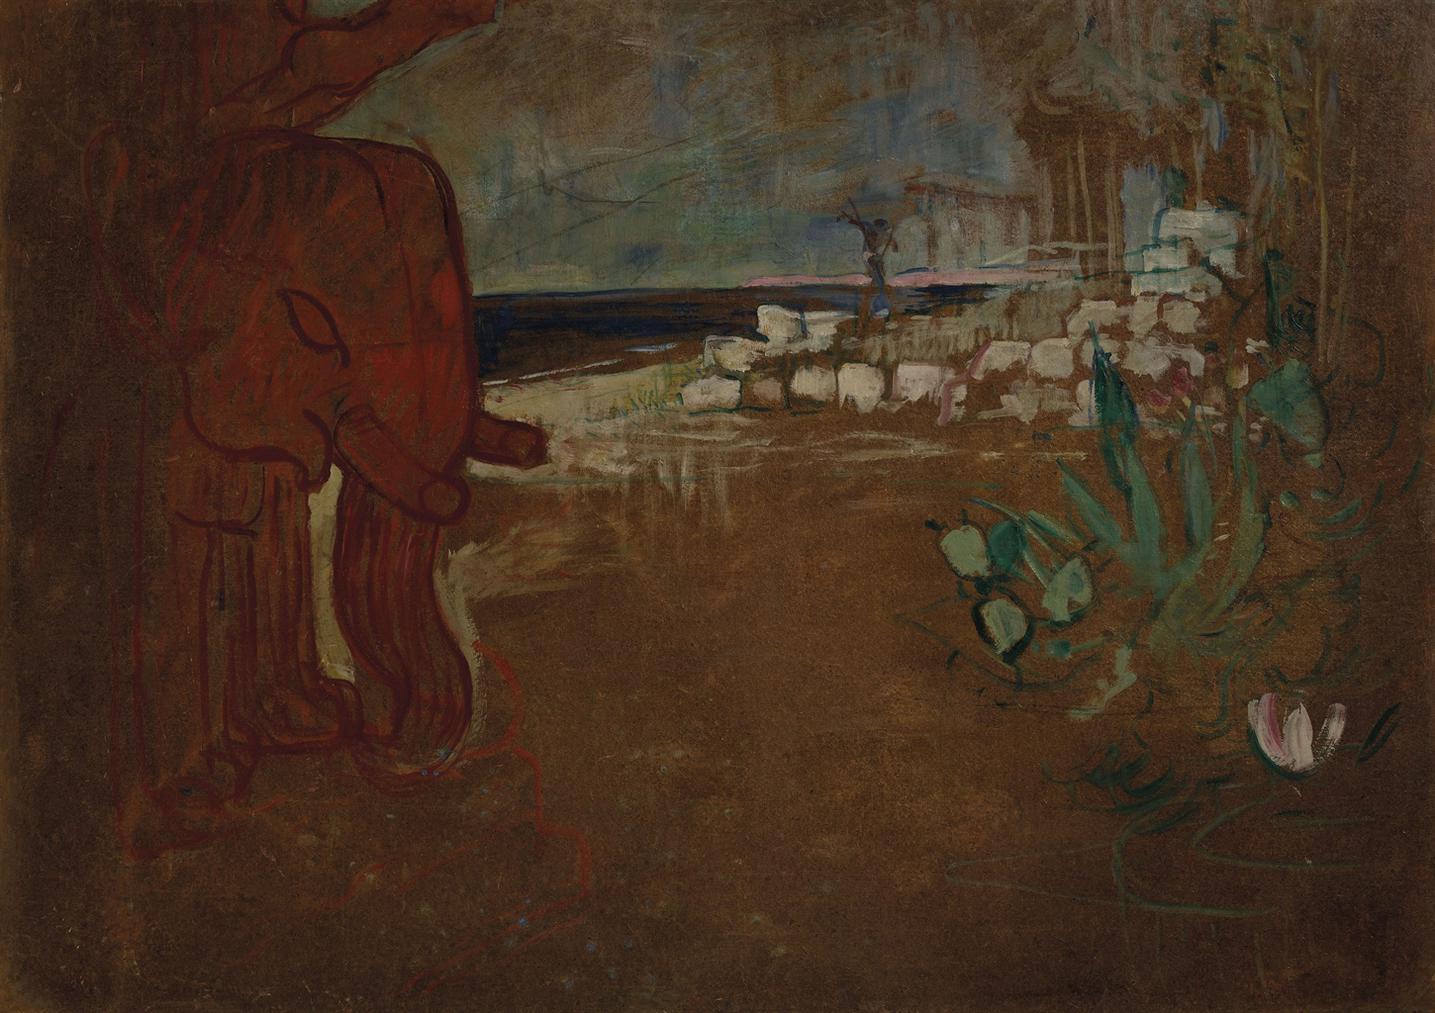 Henri de Toulouse-Lautrec-Decor Indien Pour Le Chariot De Terre Cuite, Maquette De Decor Pour Le Theatre De Loeuvre-1894